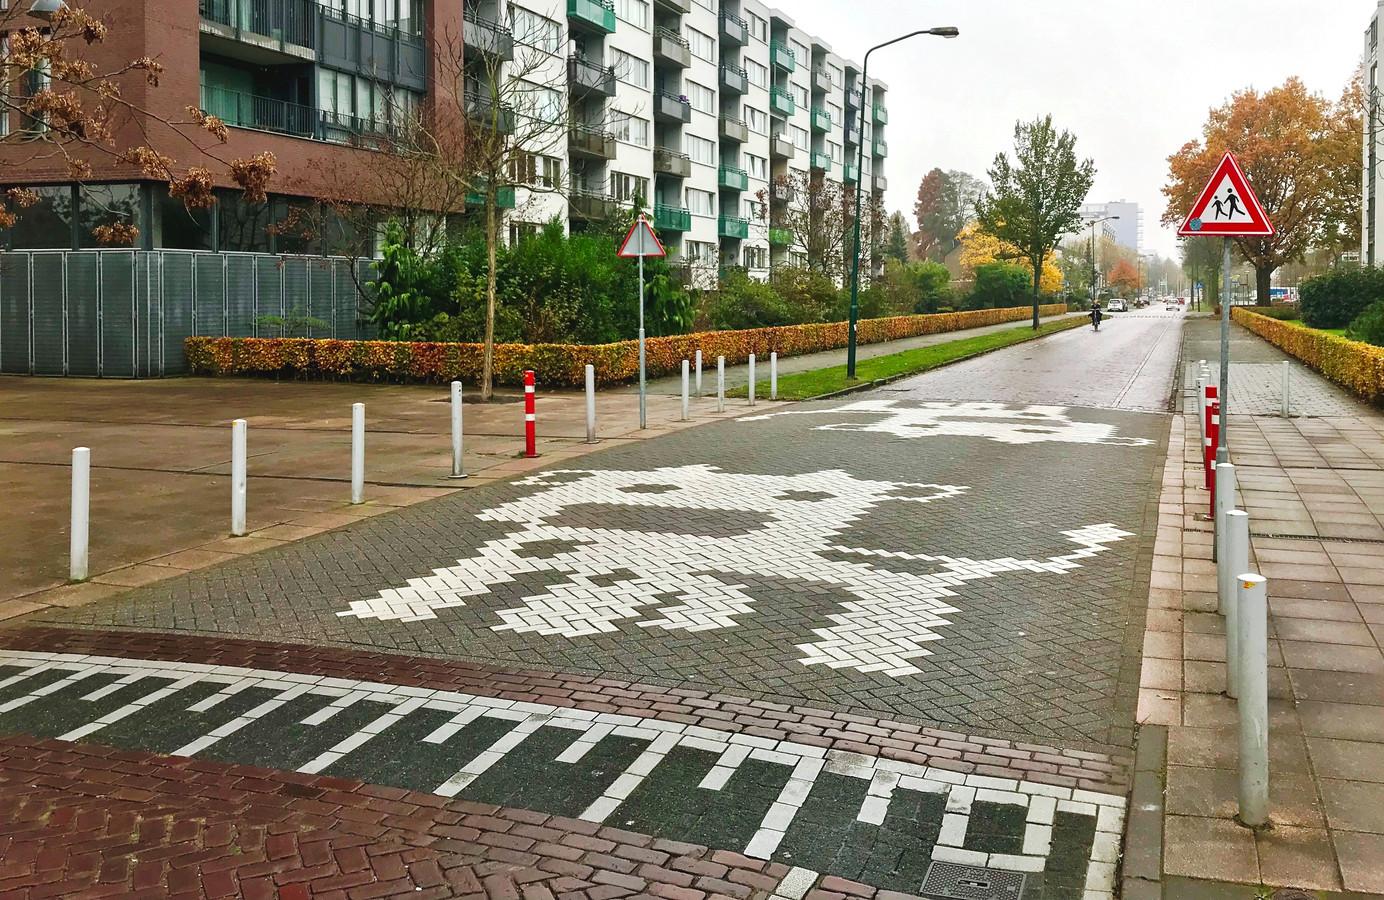 Geen zebrapad, maar een koeiepad. Kun je hier in de Tuinzigtlaan in Breda als voetganger veilig oversteken?